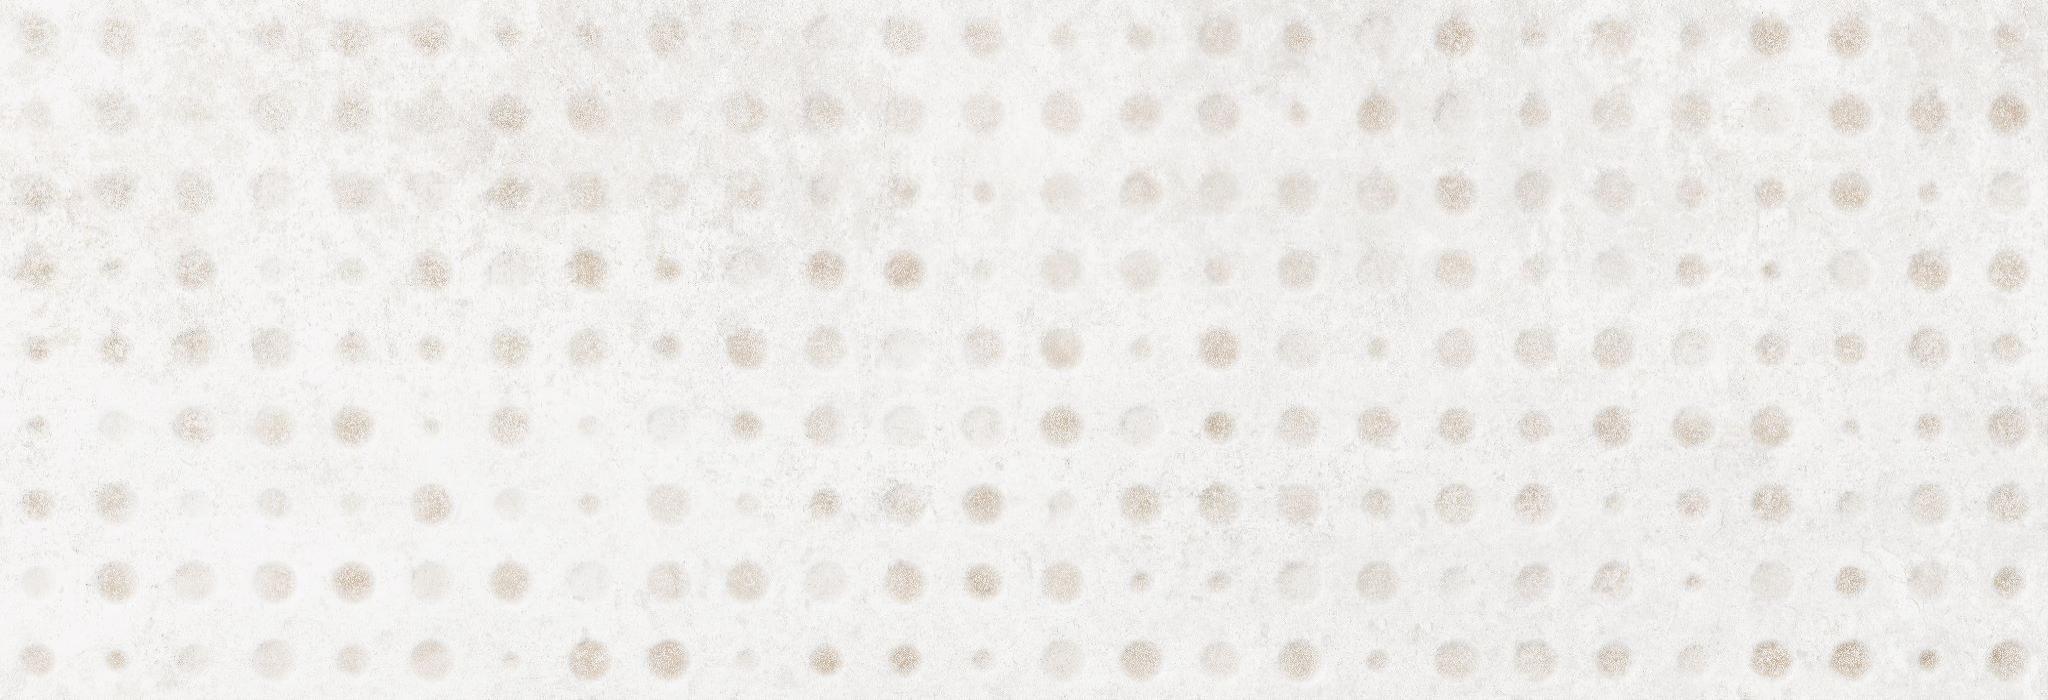 Керамическая плитка Saloni Industrial Harvy Perla настенная 25x75